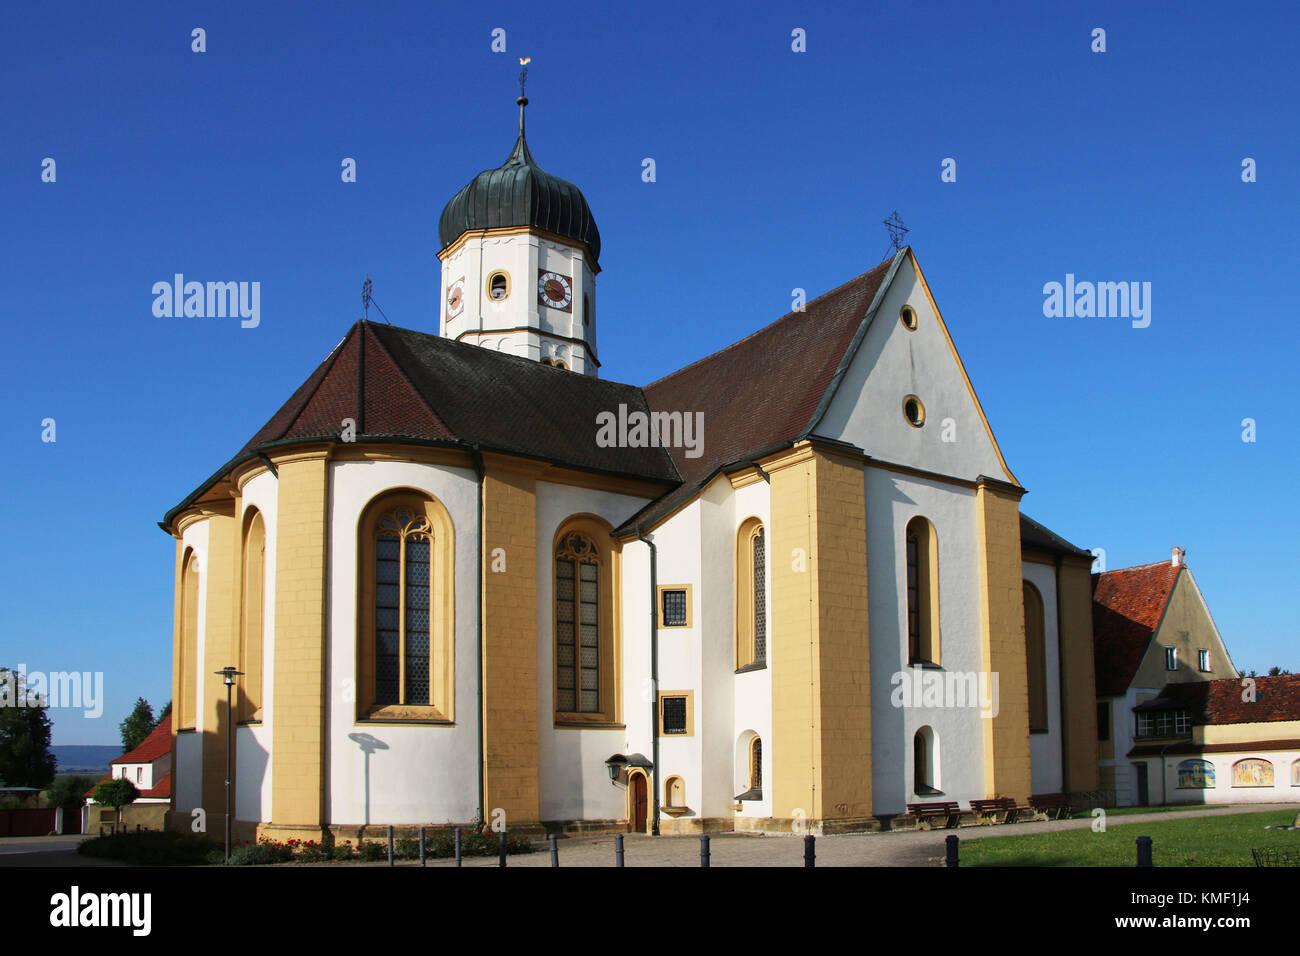 Wallerstein, Alban, Danube ream, Swabian, Bavaria, Germany, ream,,  Alban, Donau-Ries, Schwaben, Bayern, Deutschland, - Stock Image